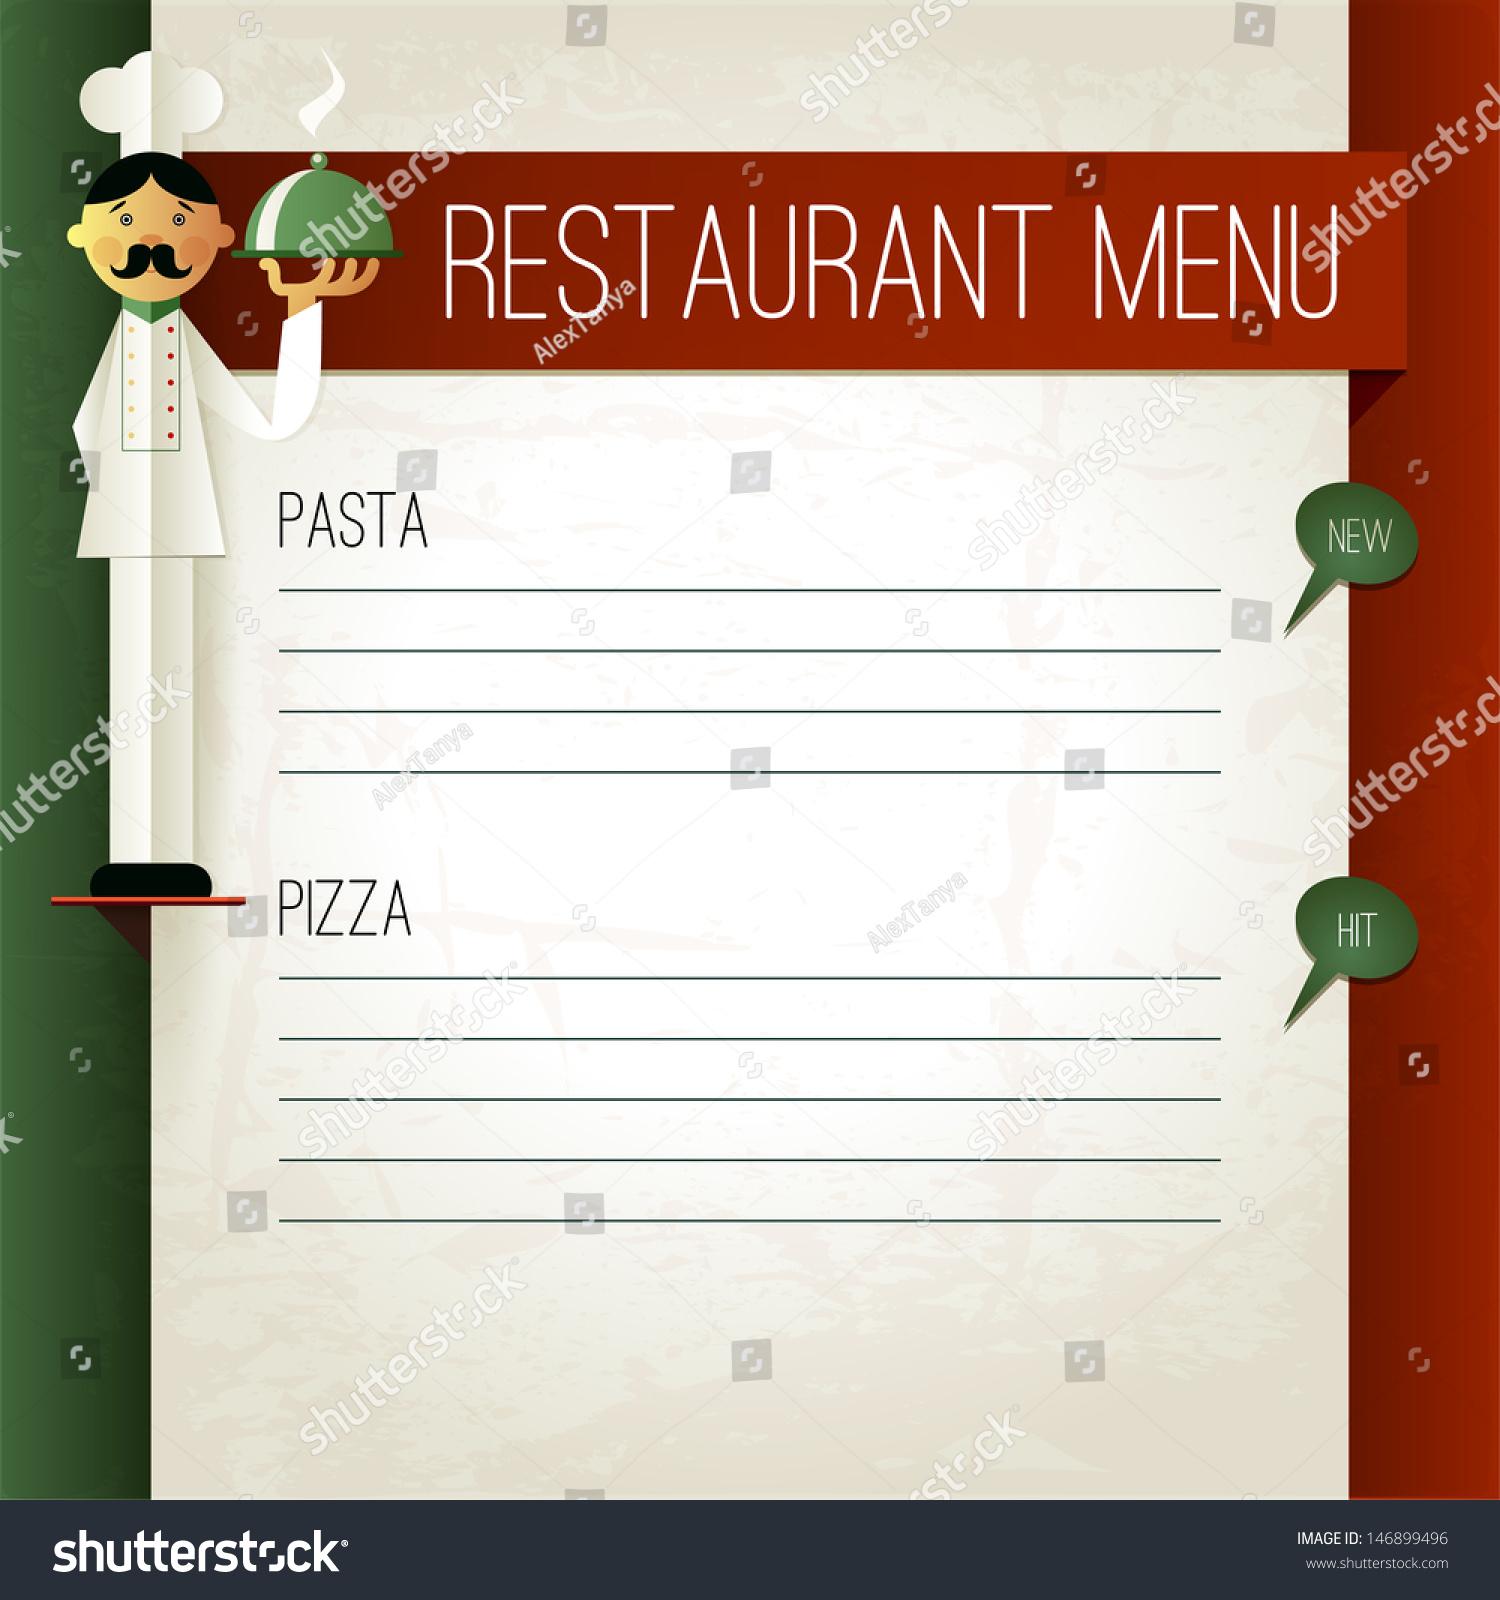 vector italian menu chef plate menu stock vector 146899496